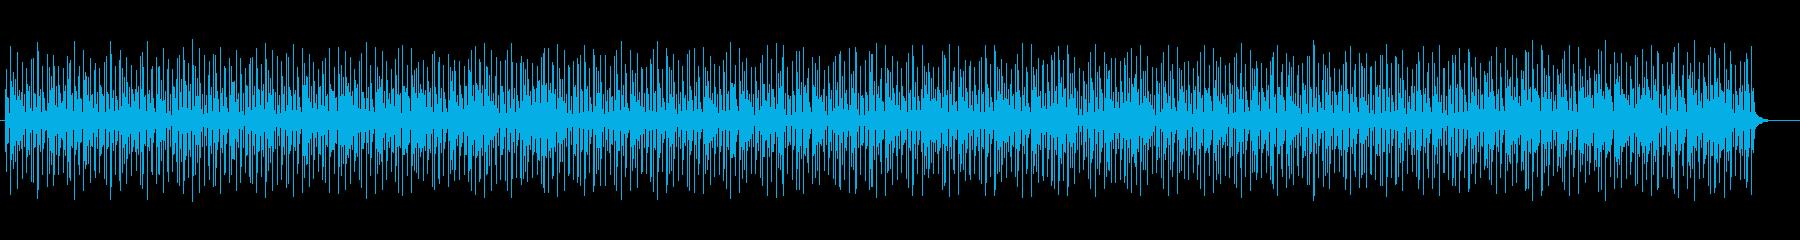 幻想的で神秘的なスピリチュアルサウンドの再生済みの波形